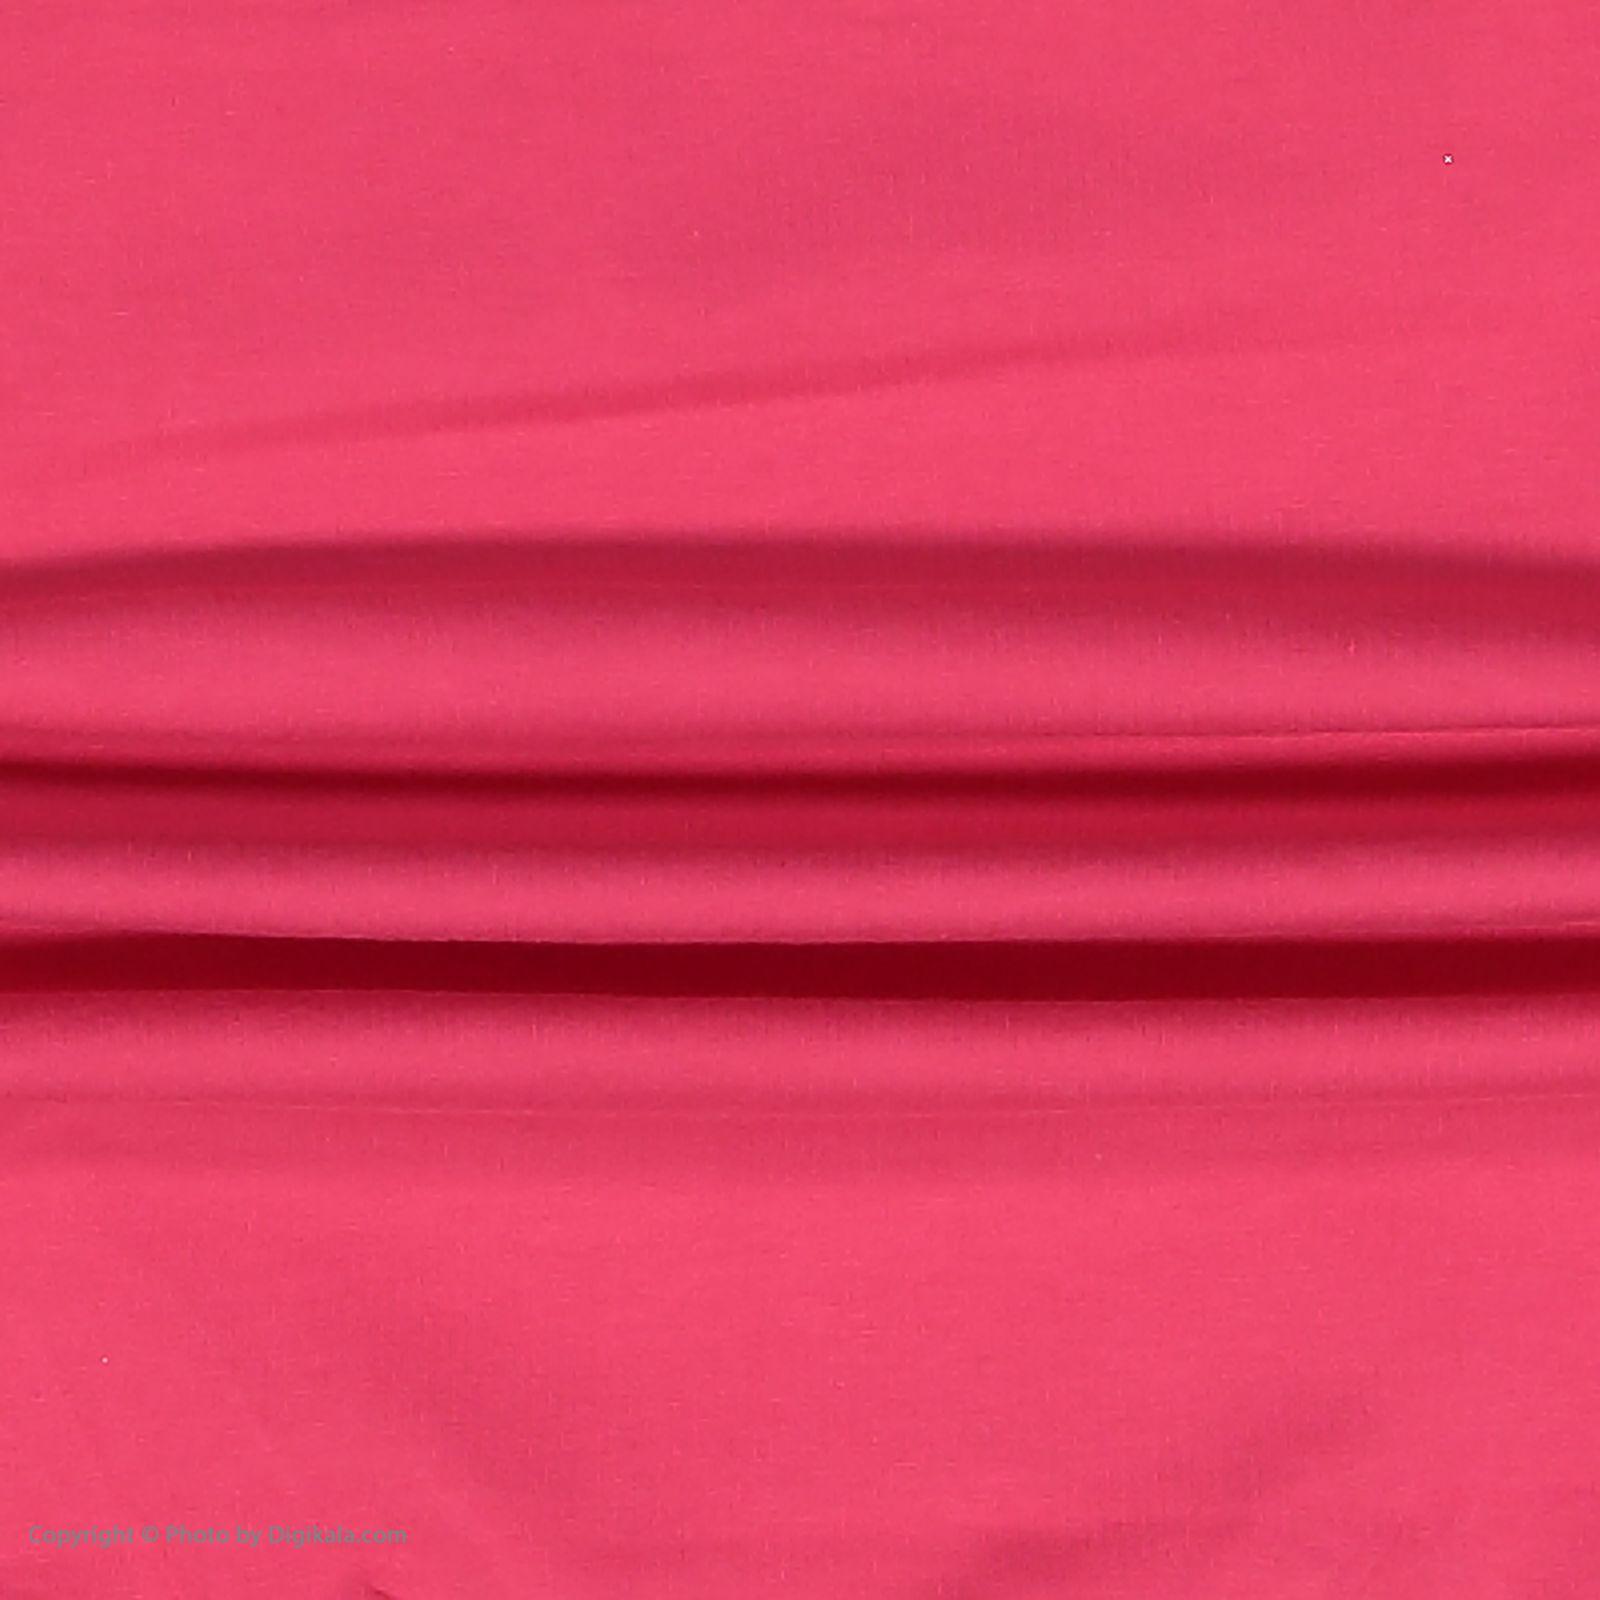 تی شرت دخترانه سون پون مدل 1391361-88 -  - 5